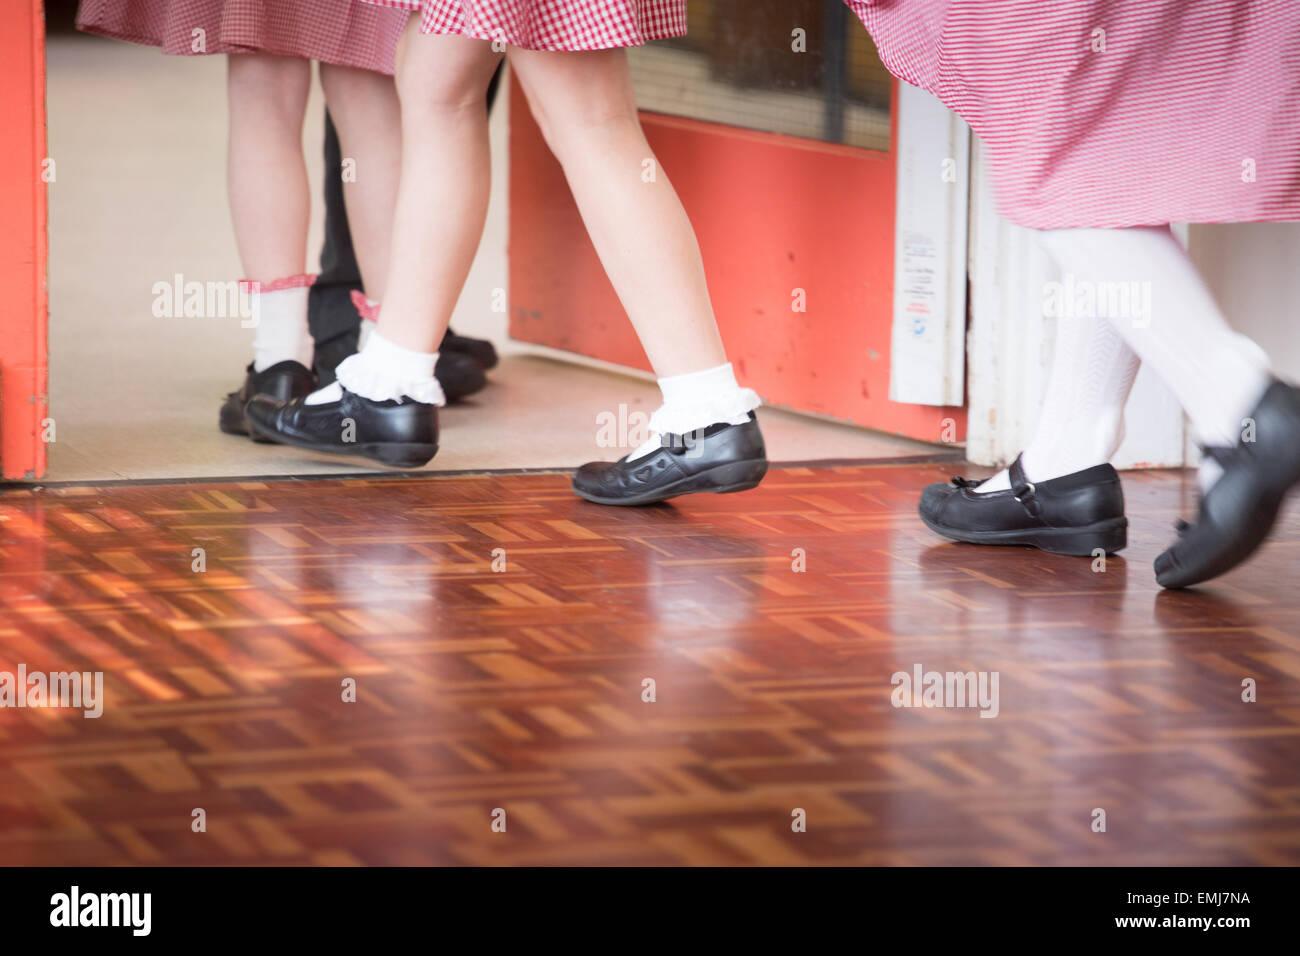 Un grupo de escolares de primaria del Reino Unido abandone la sala escolar después del montaje, sólo mostrando Imagen De Stock